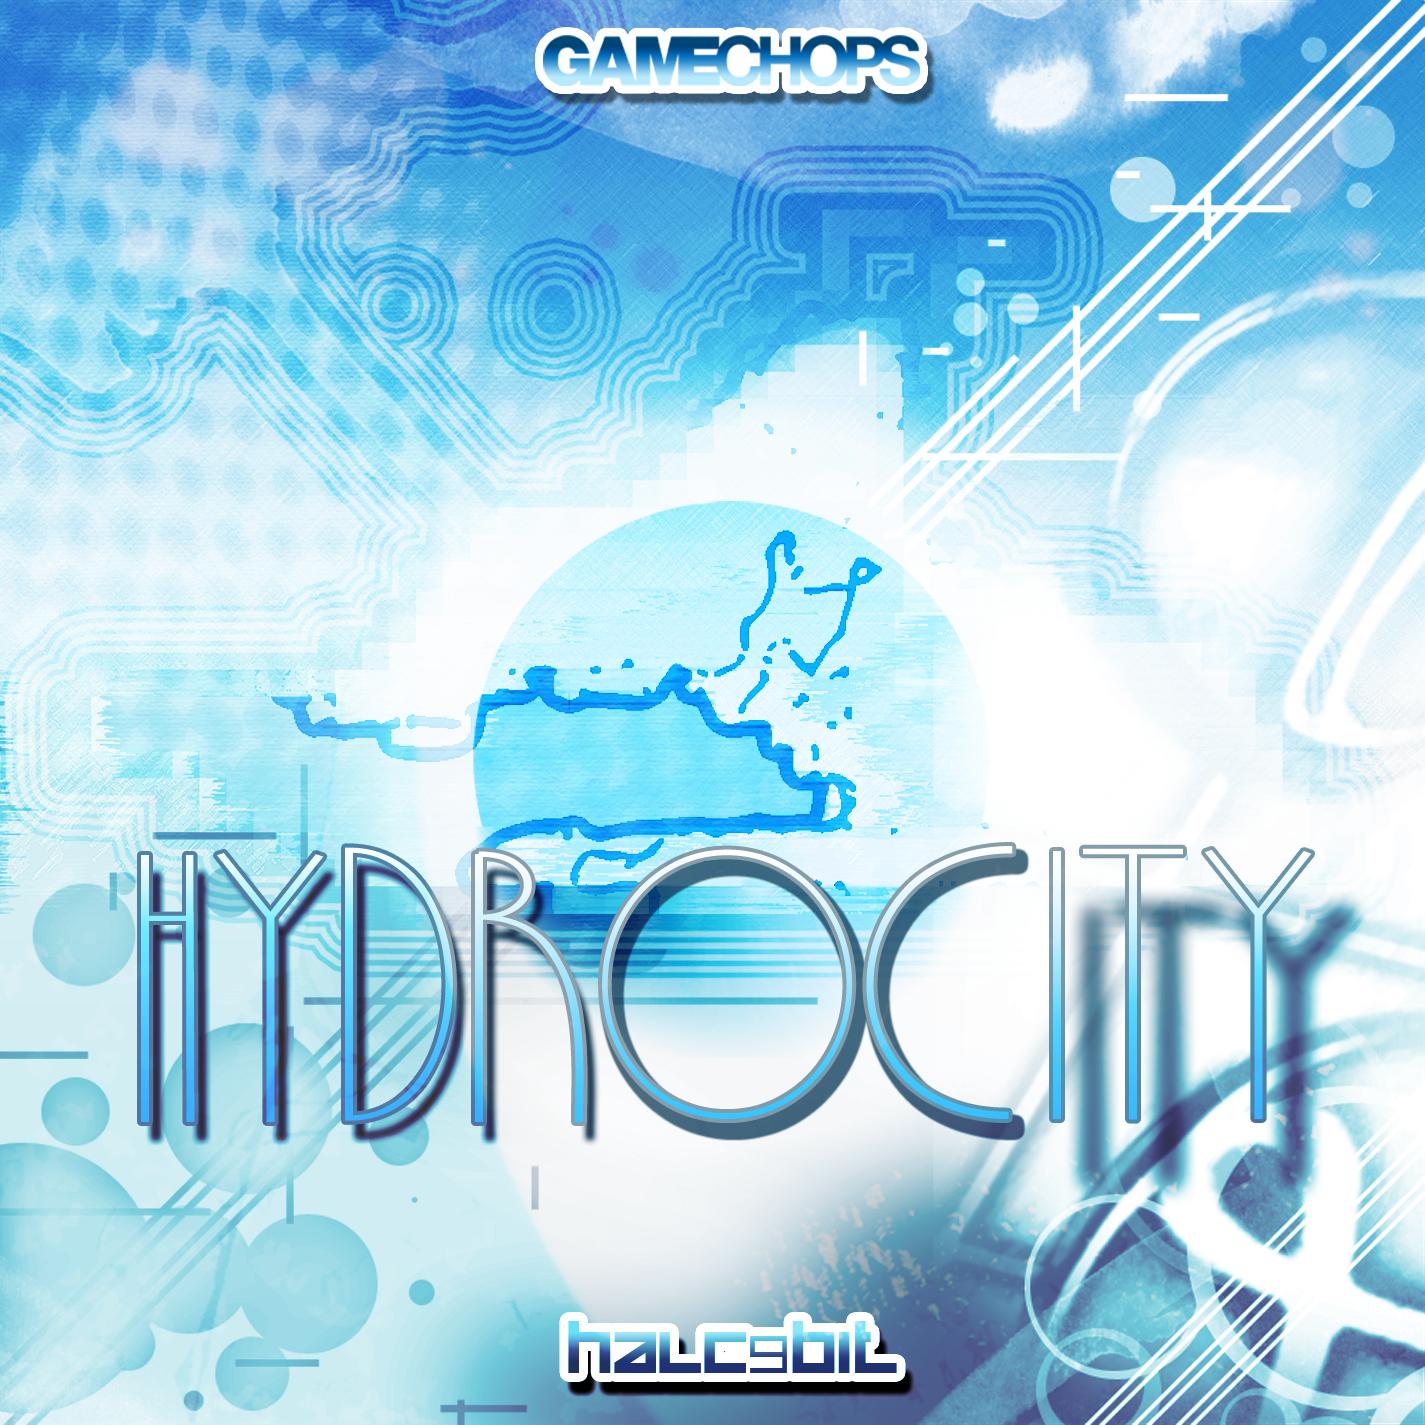 halc – Hydrocity